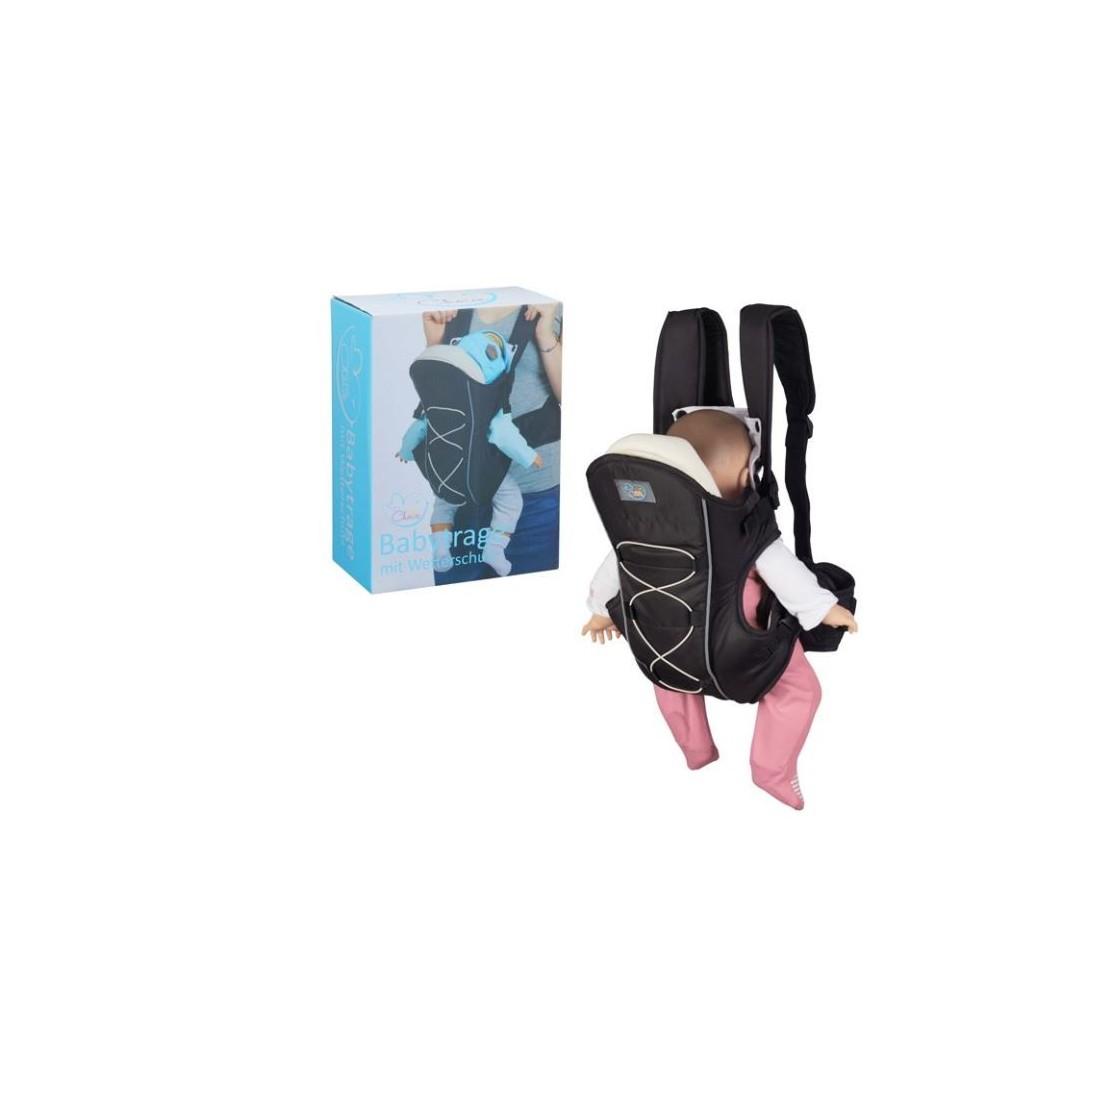 Porte bébé Little choice noir ventral ou dorsal